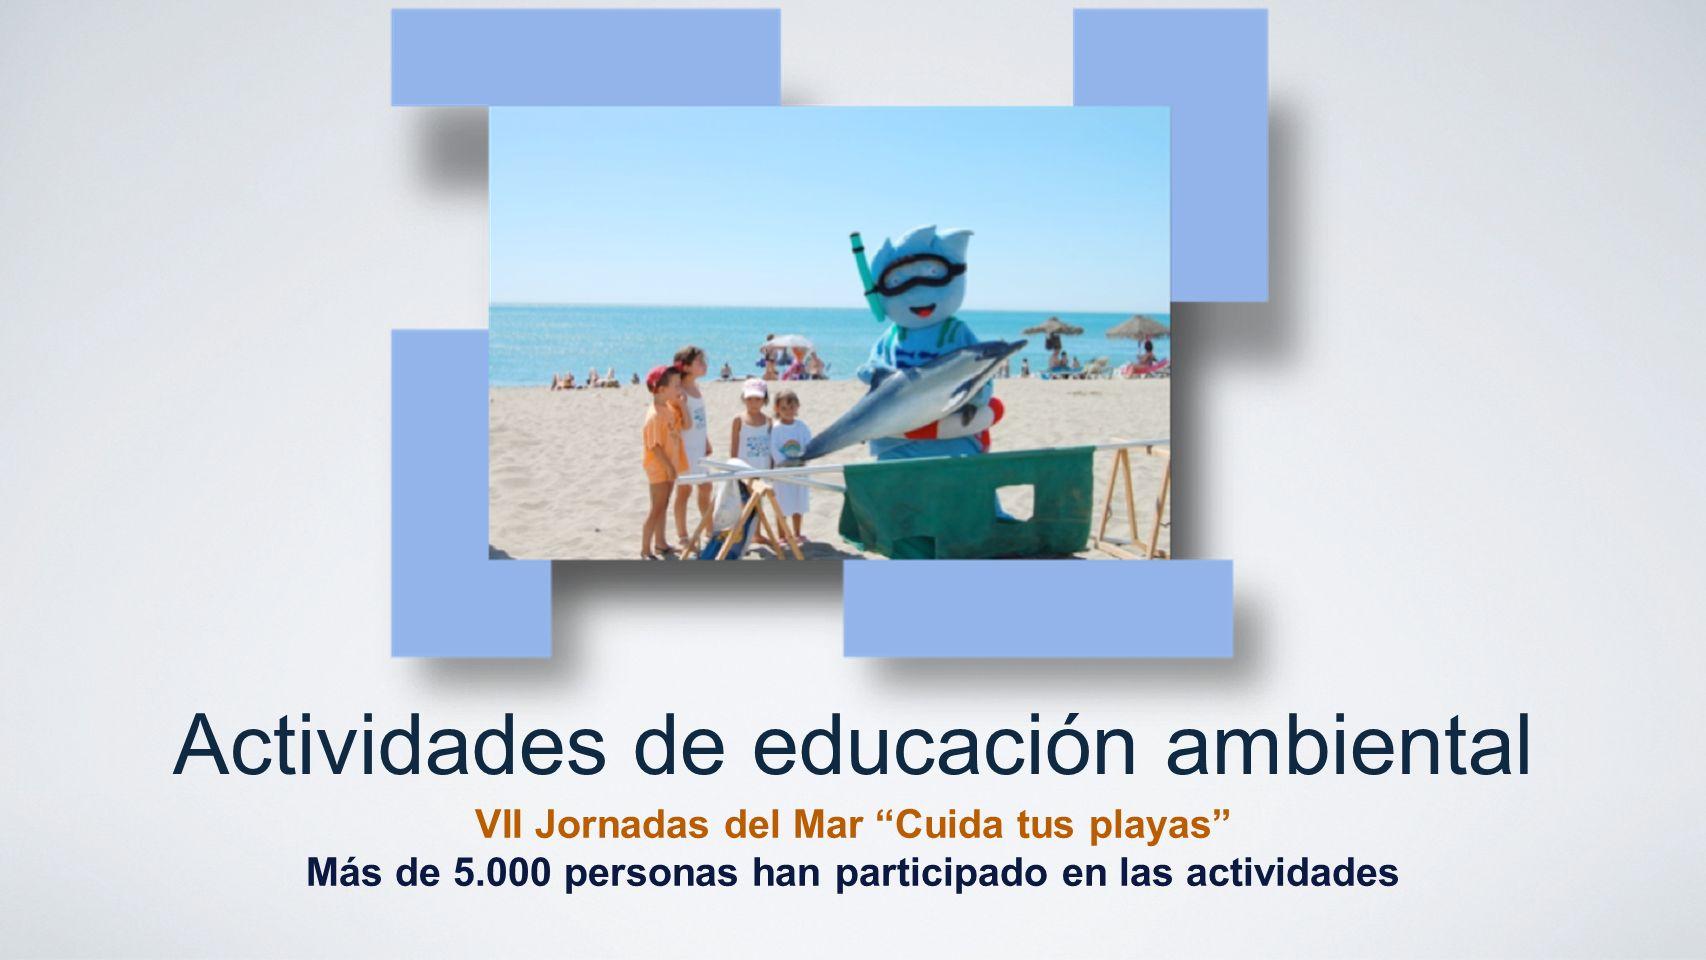 Actividades de educación ambiental VII Jornadas del Mar Cuida tus playas Más de 5.000 personas han participado en las actividades